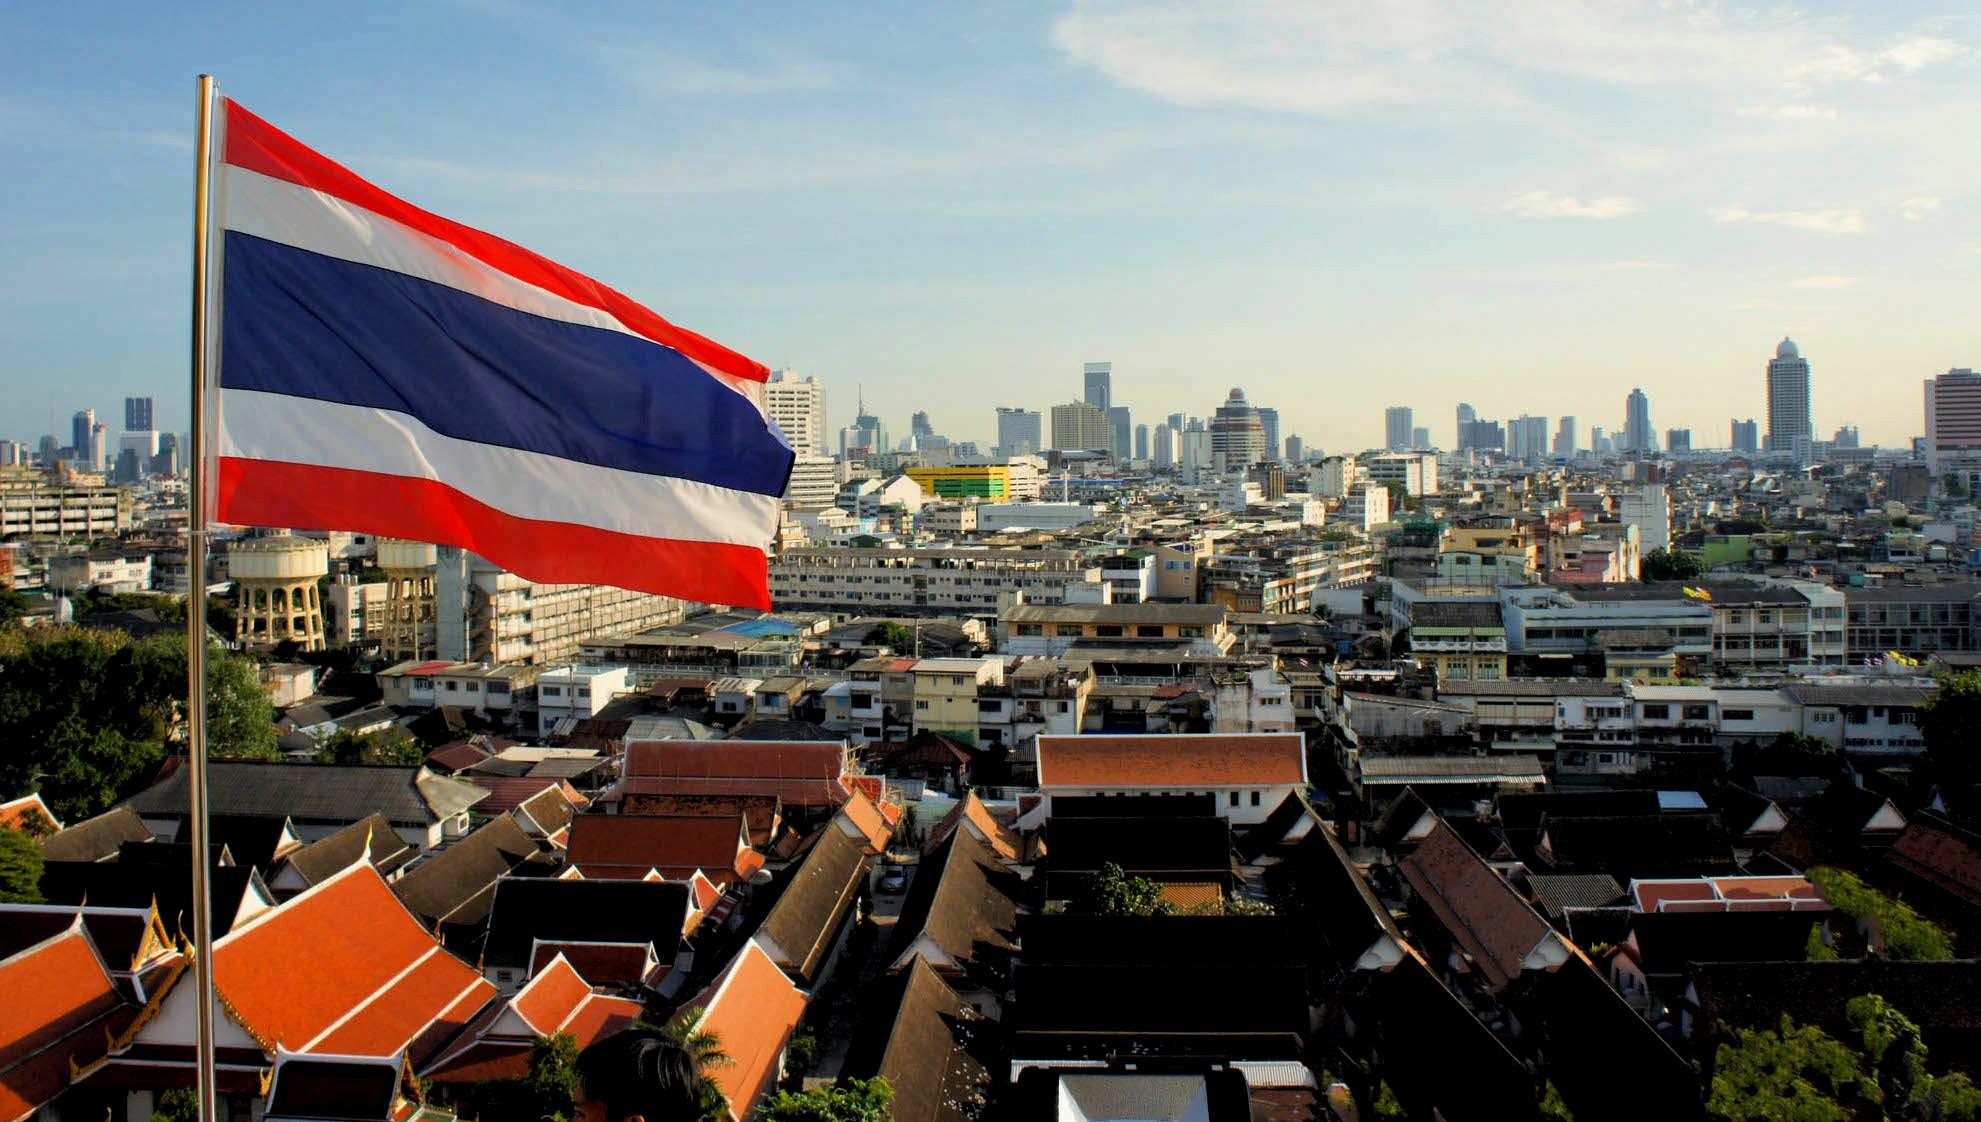 NVIDIA giúp thúc đẩy việc ứng dụng và nghiên cứu AI ở Thái Lan